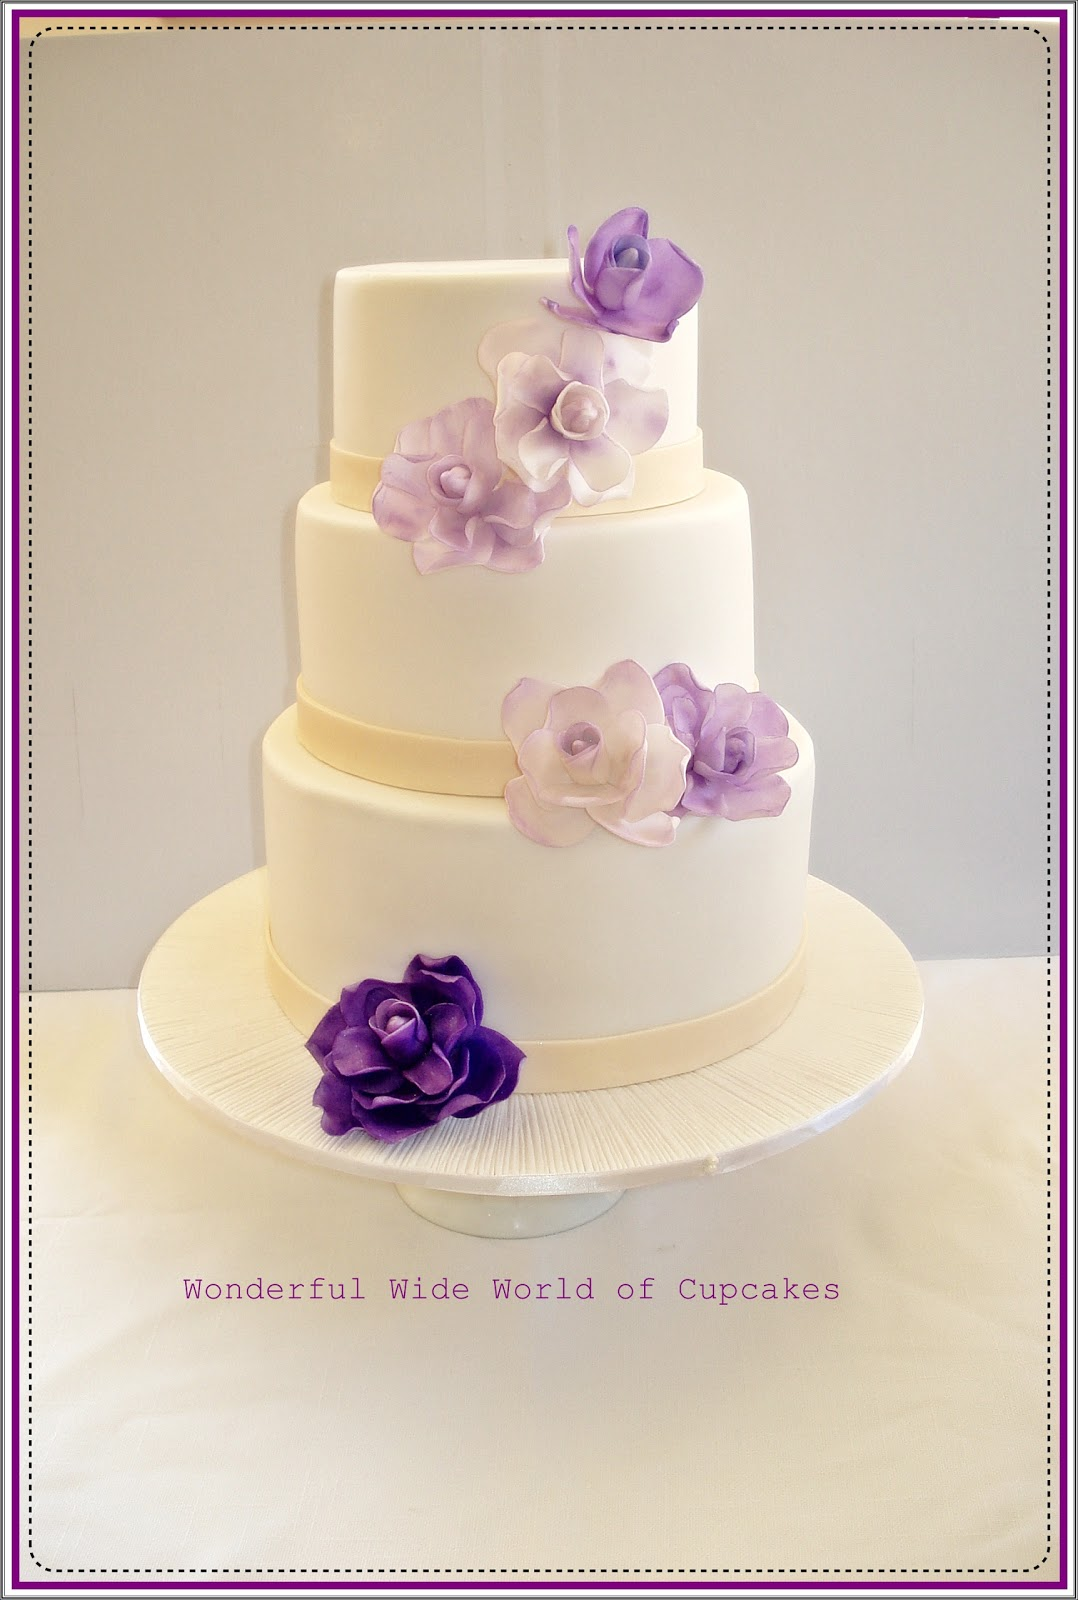 Wonderful World of Cupcakes: Wedding Cake